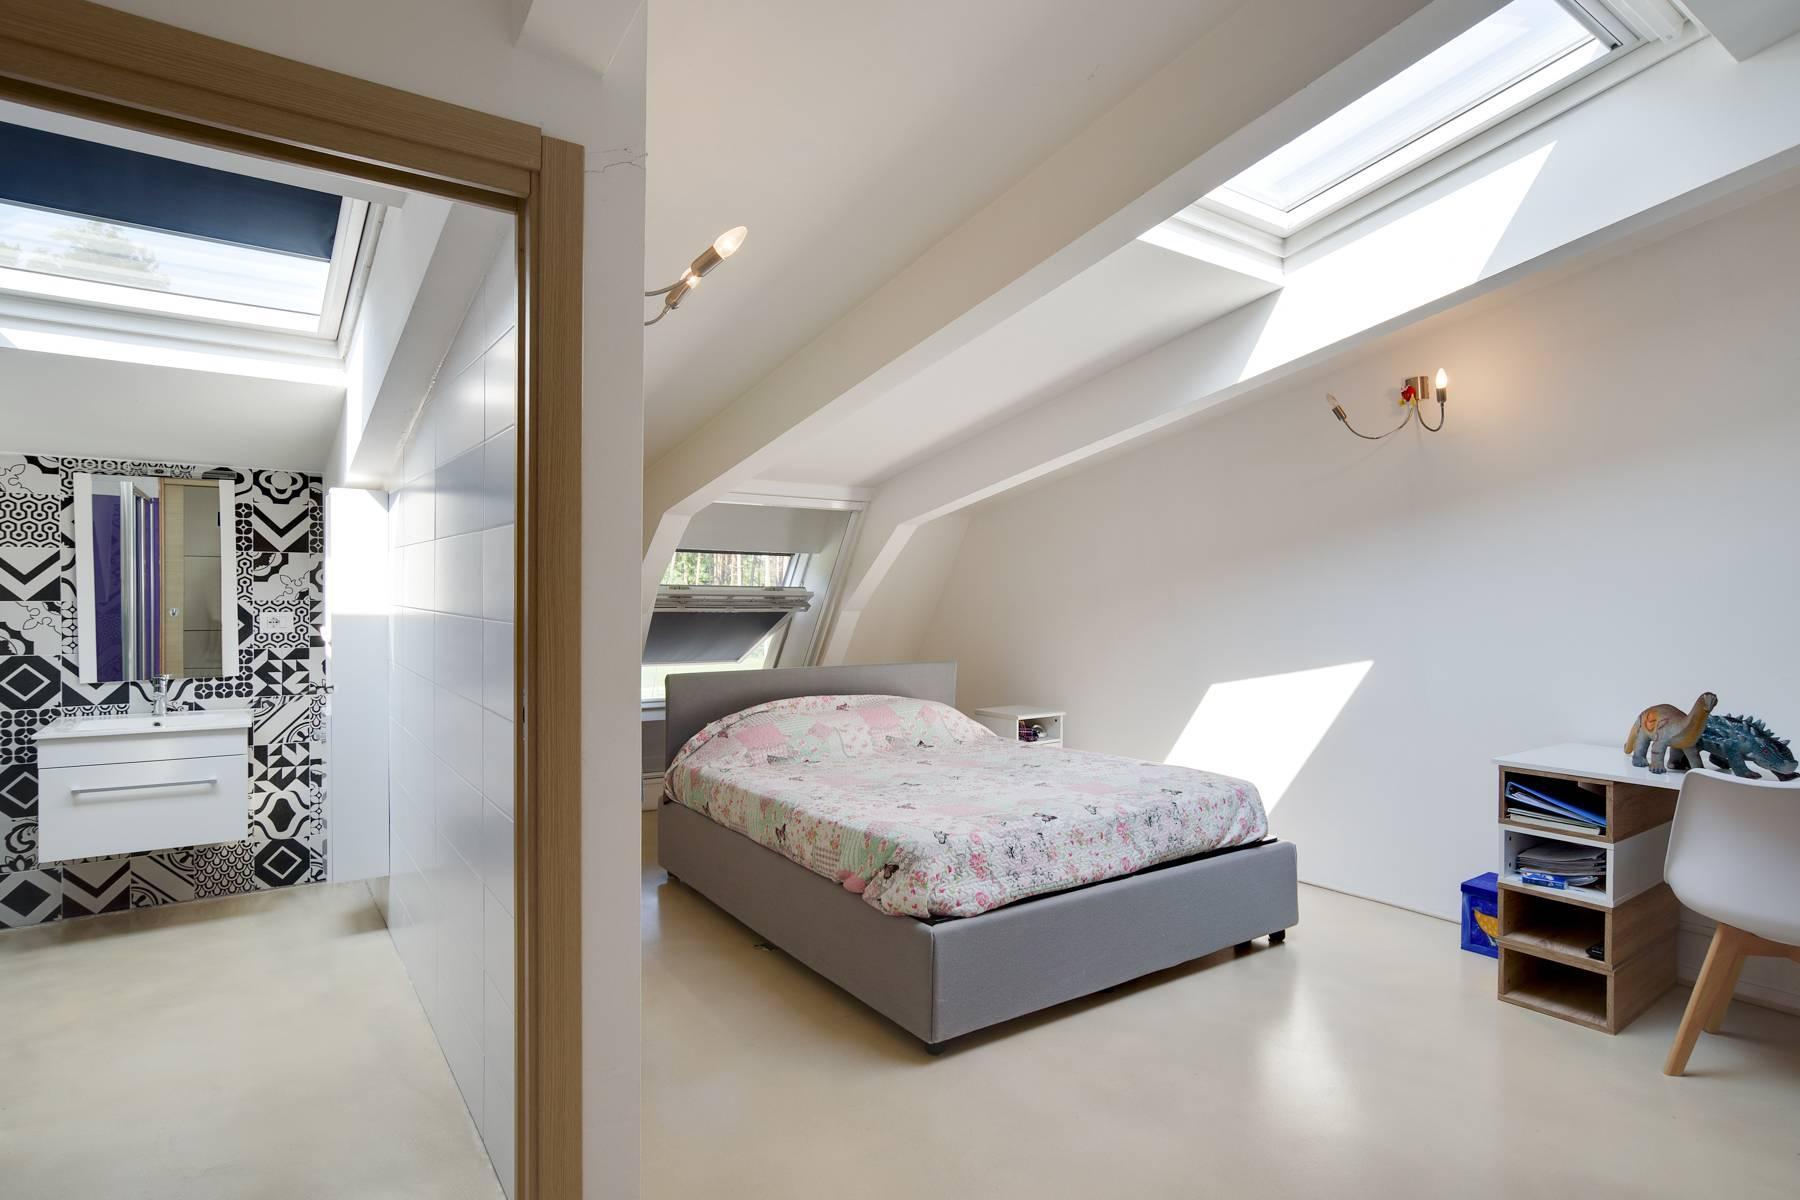 Charmante villa moderne nichée dans la nature - 21